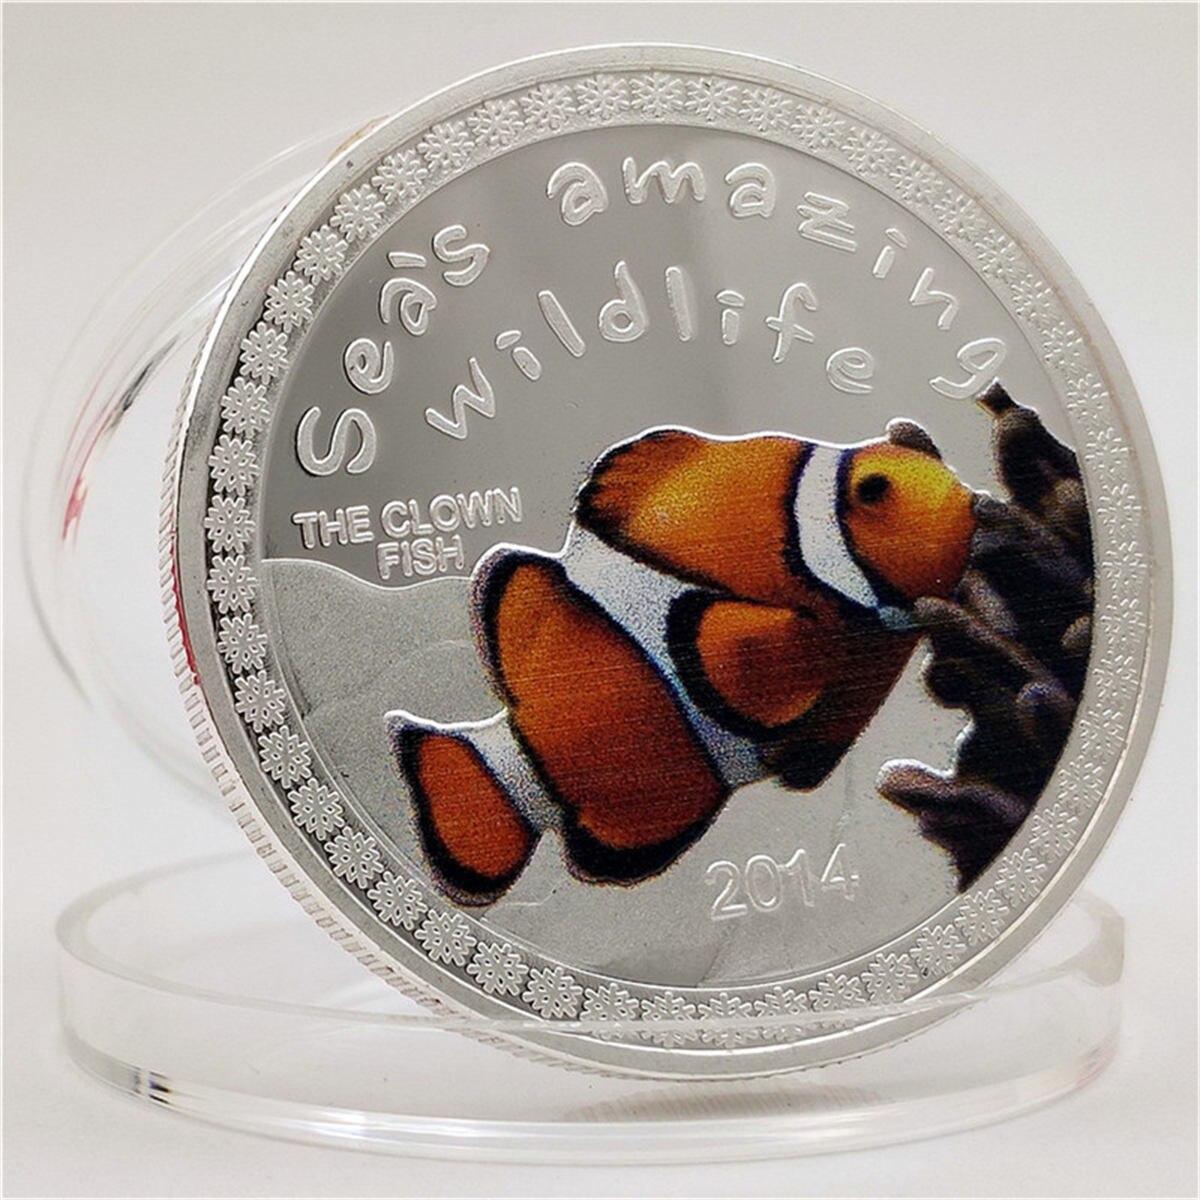 Монета с животными, Конго, часы с тропической рыбой, подарок для океана, памятная монета, памятная монета, серебряная монета, поделки, коллек...